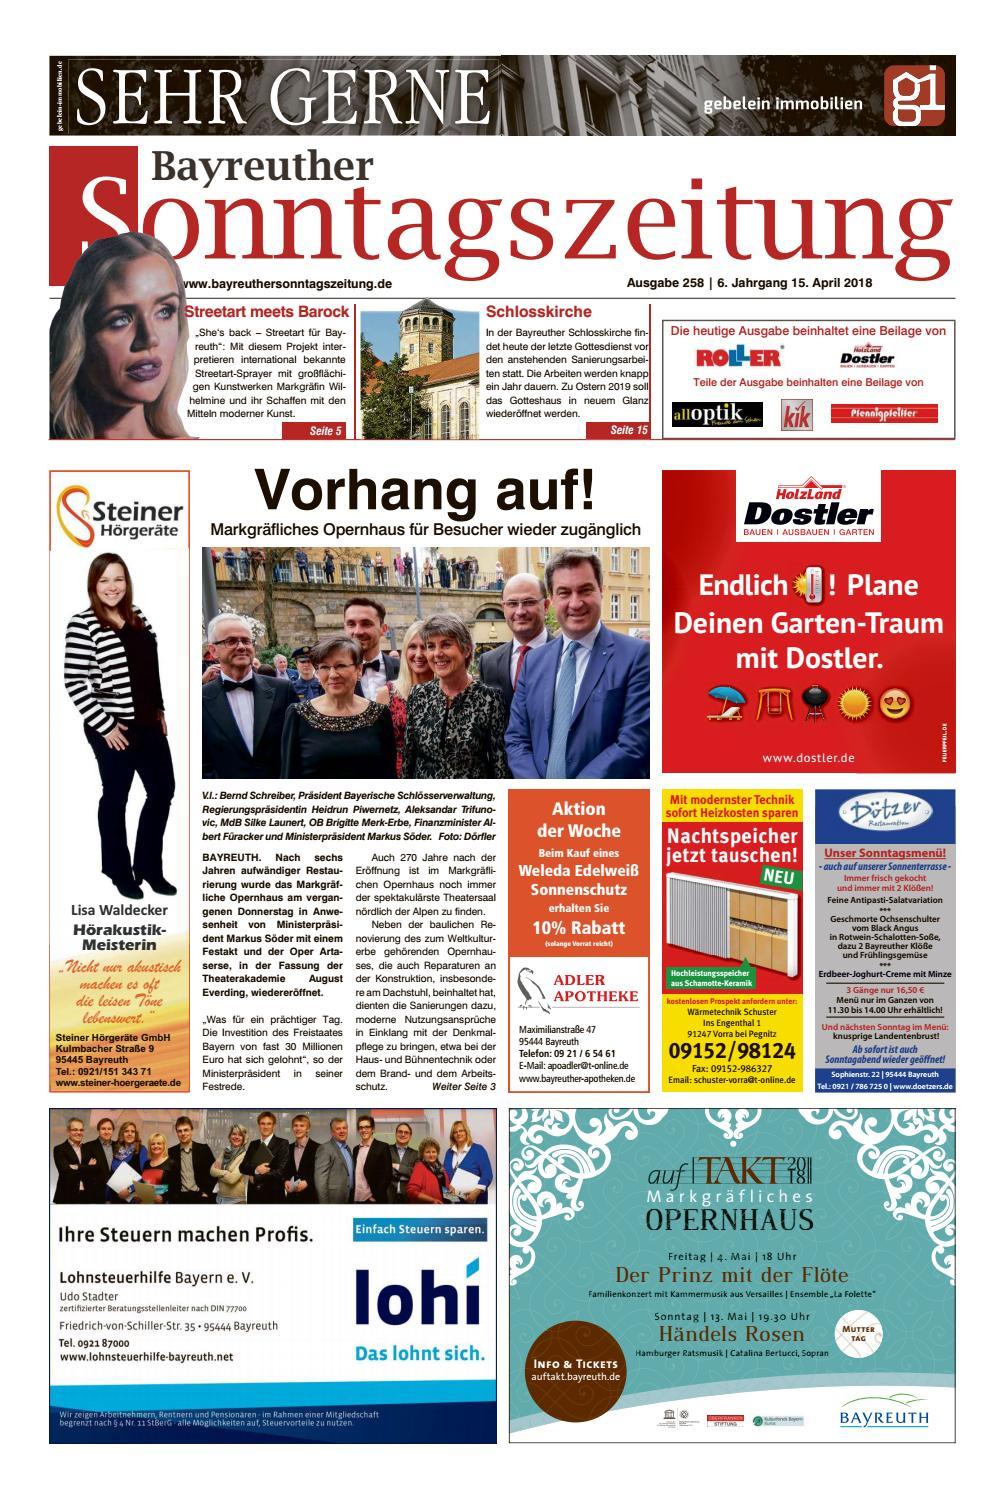 Bayreuther Sonntagszeitung Vom 15 04 2018 By Bayreuther ganzes Roller Bayreuth Öffnungszeiten